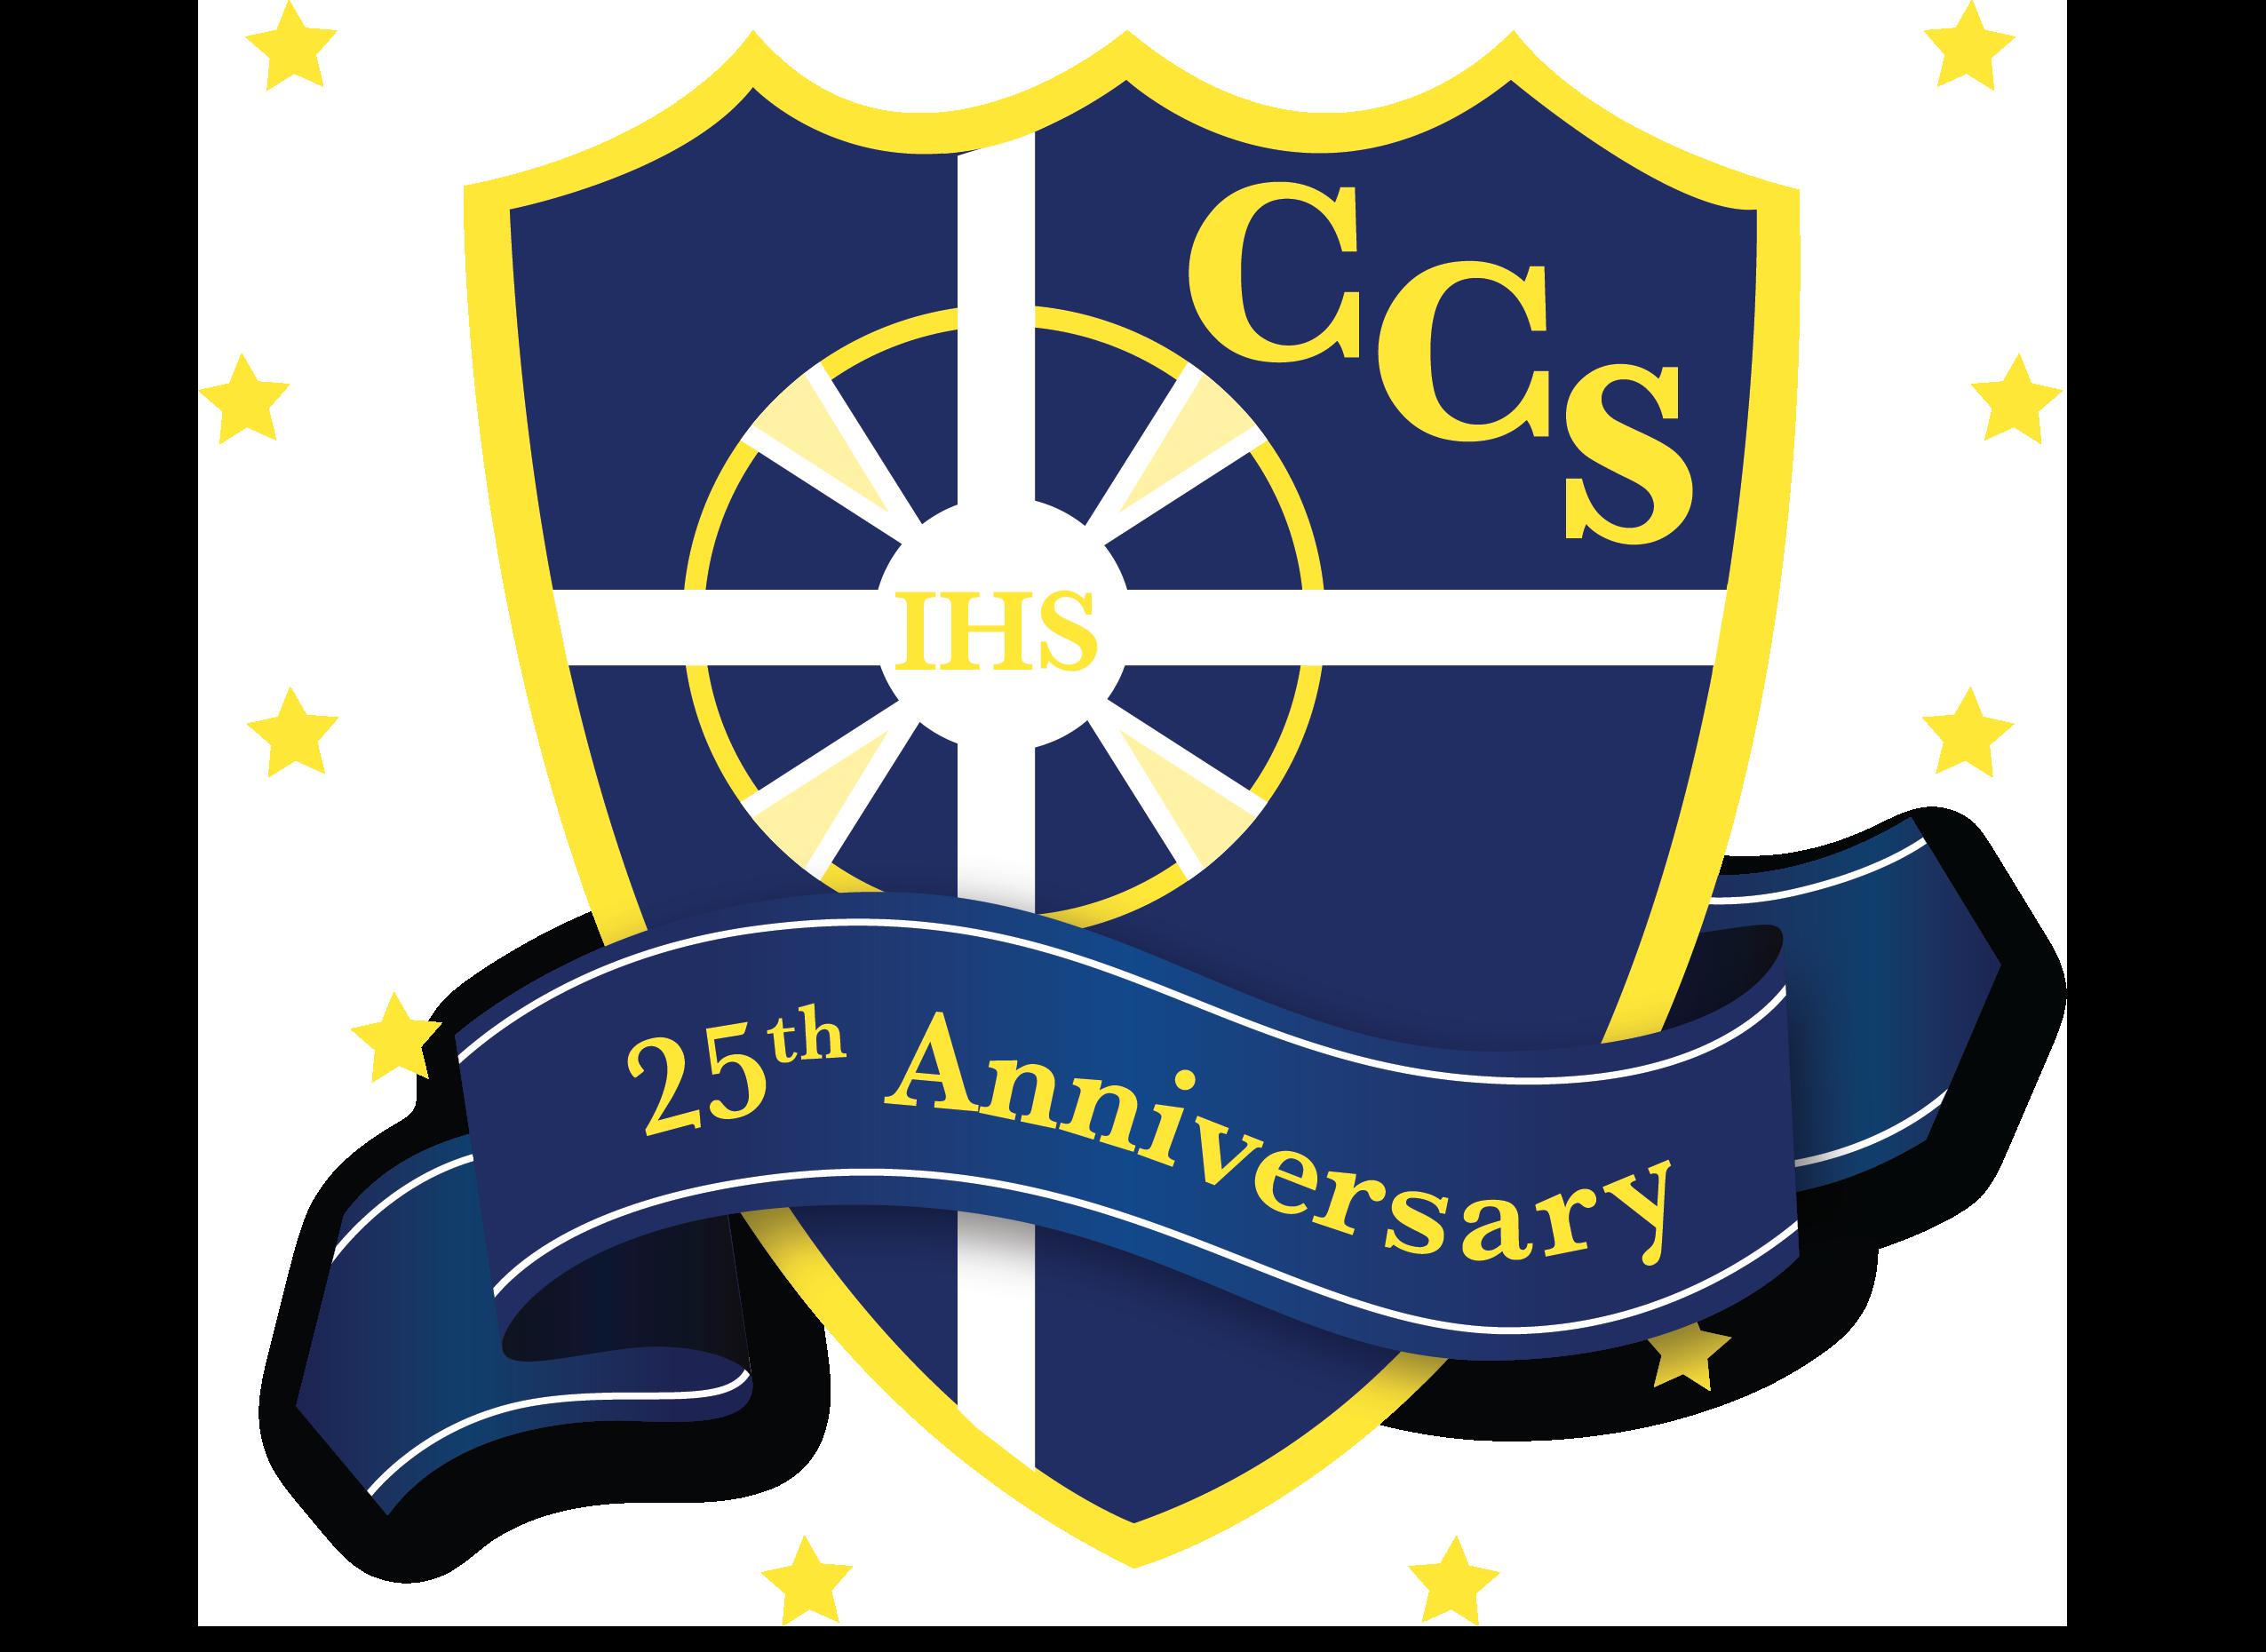 CCS Giving